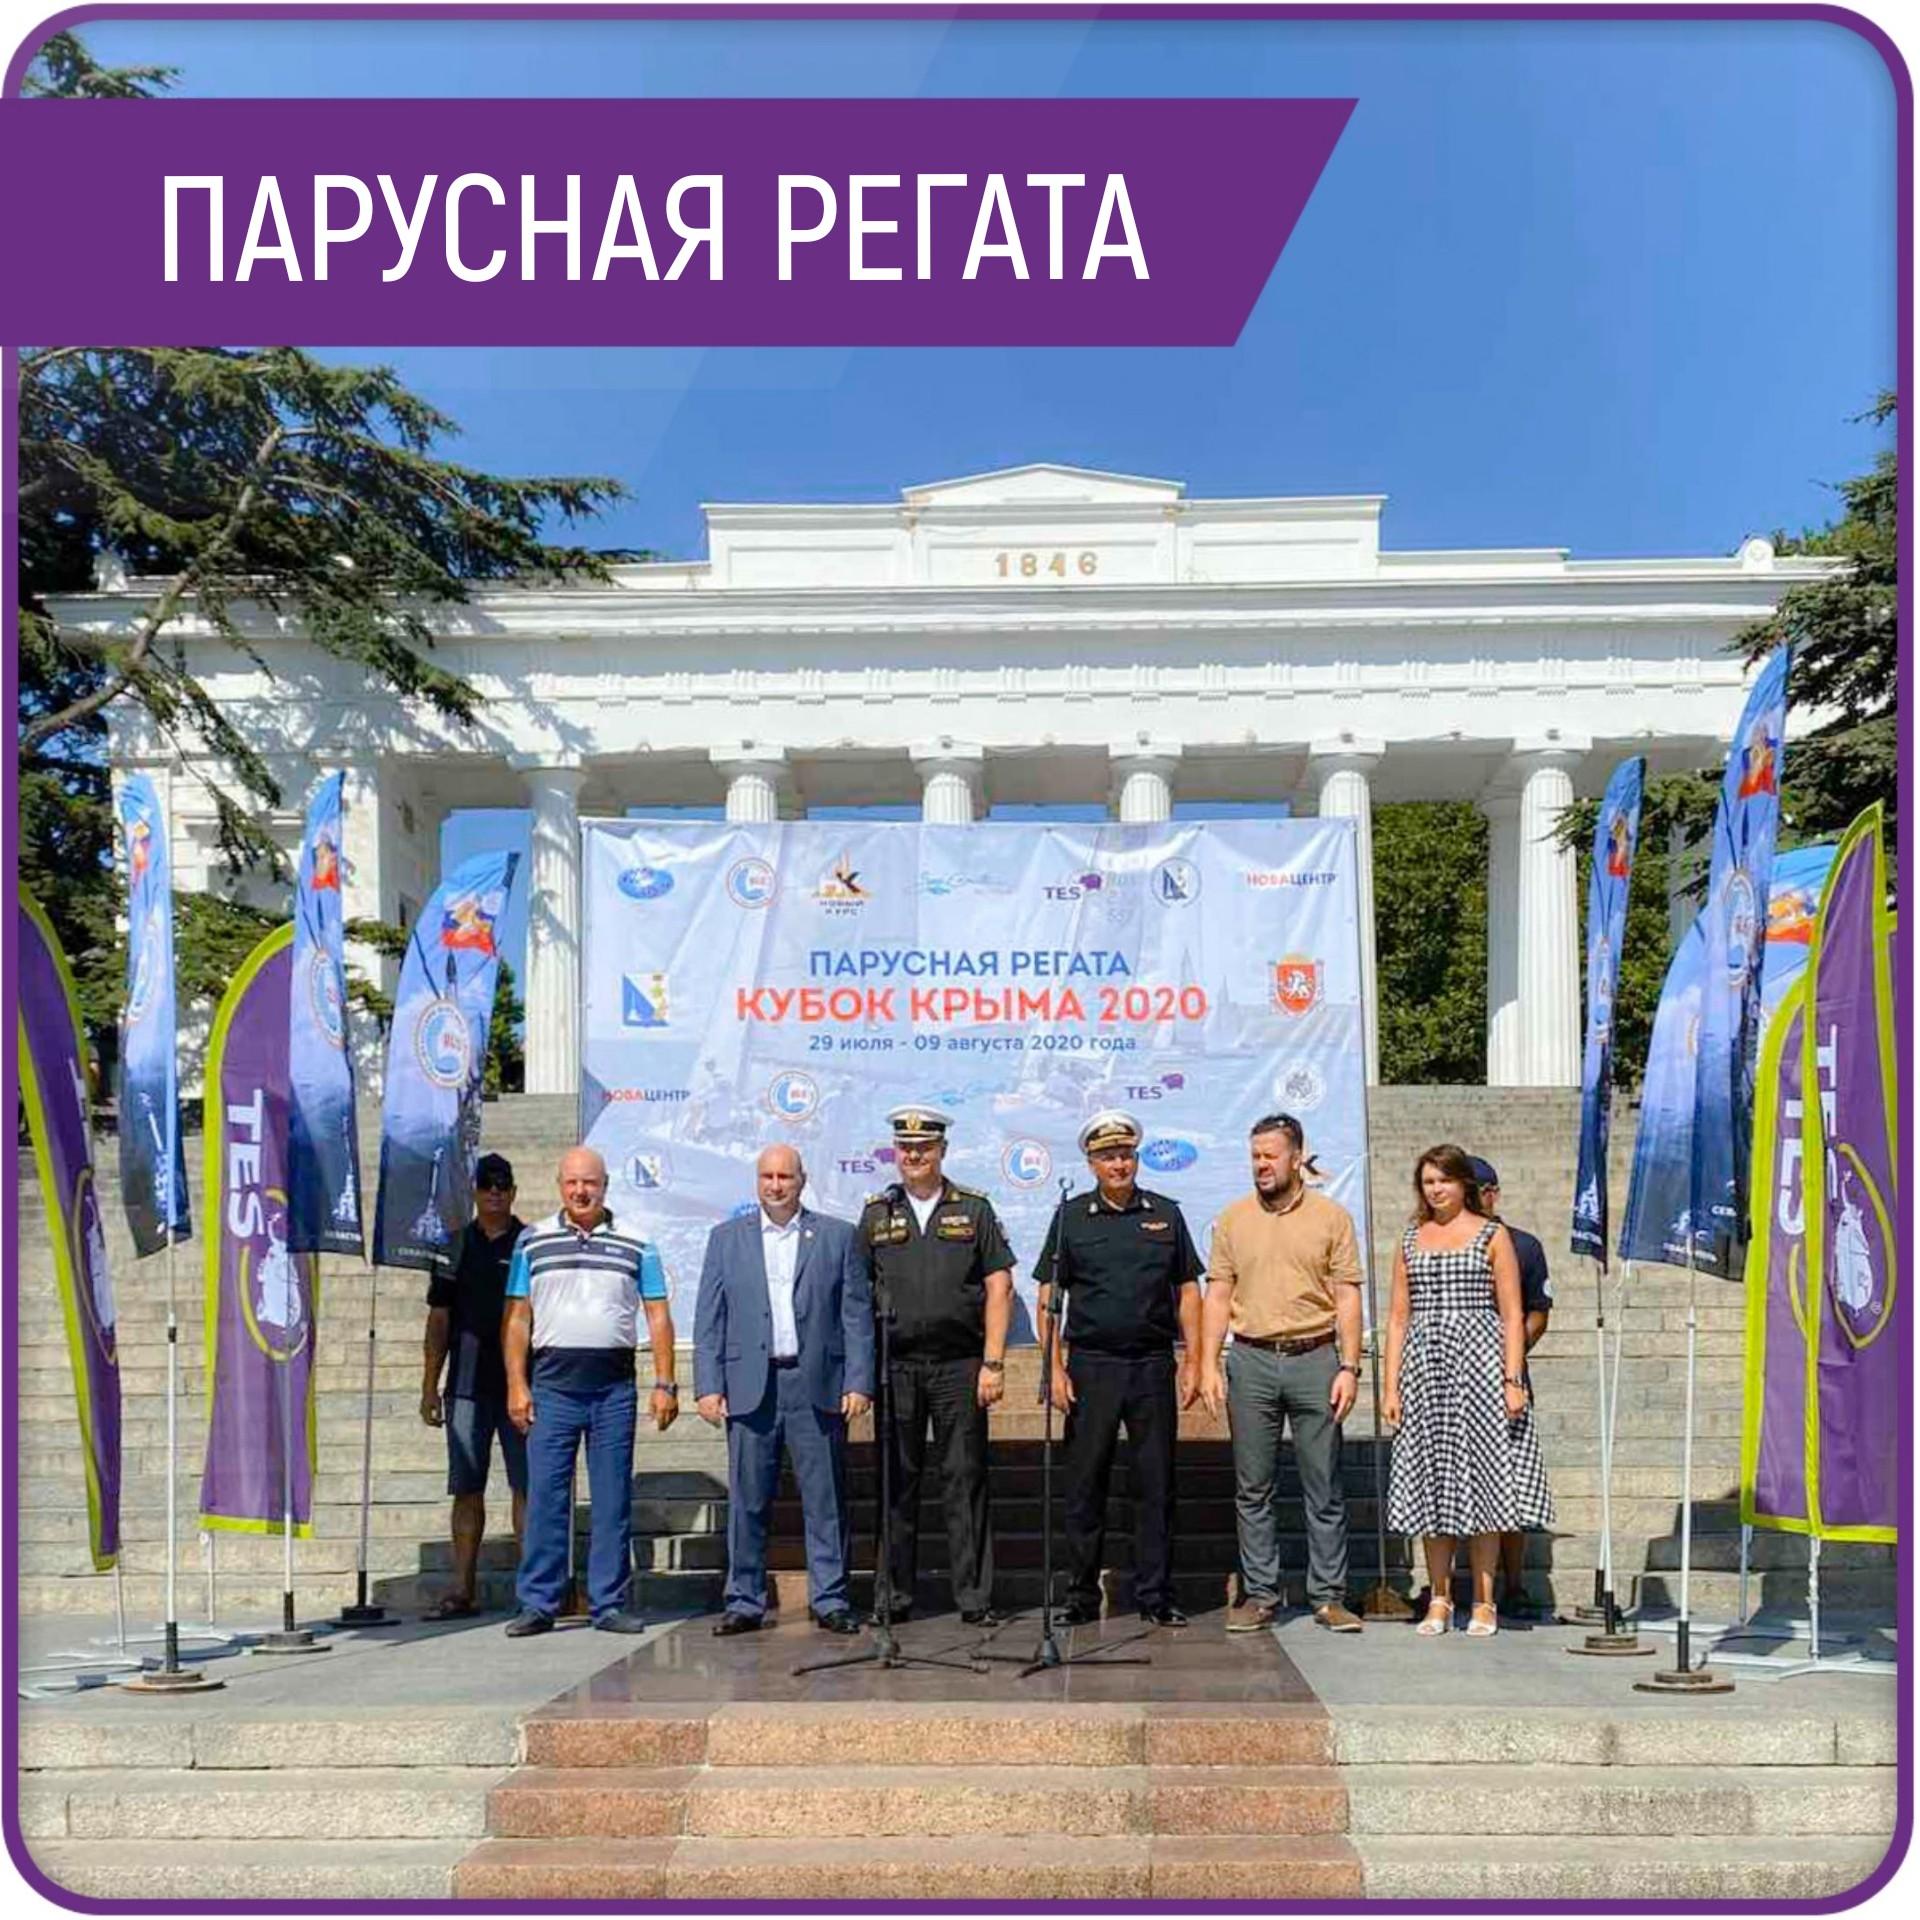 Представители компании «ТЭС» приняли участие в открытии парусной регаты «Кубок Крыма 2020» в Севастополе.